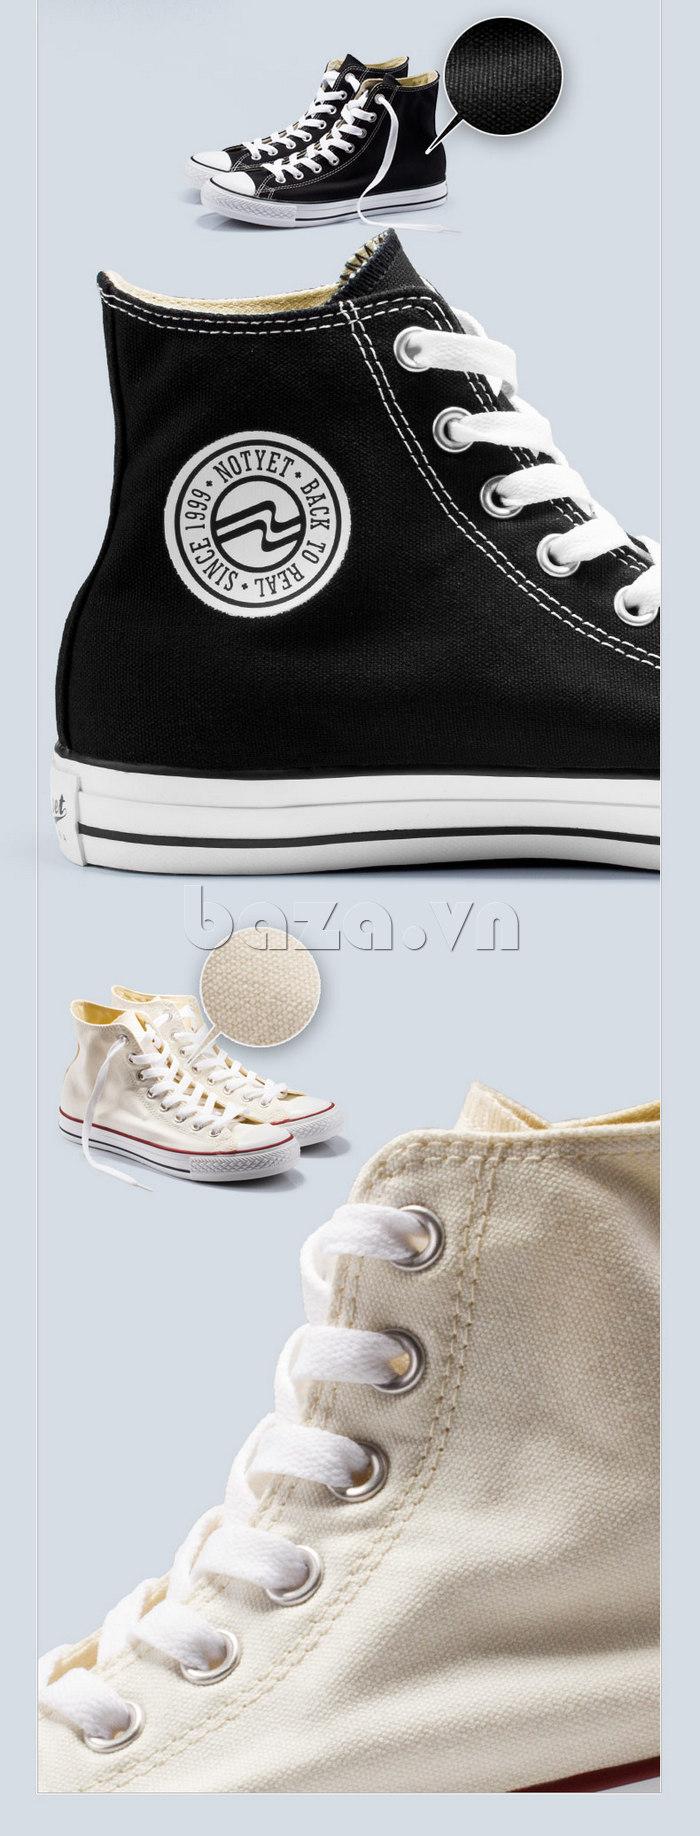 Giày vải nam Notyet NY-ZY3215 dây giày tinh tế khéo léo